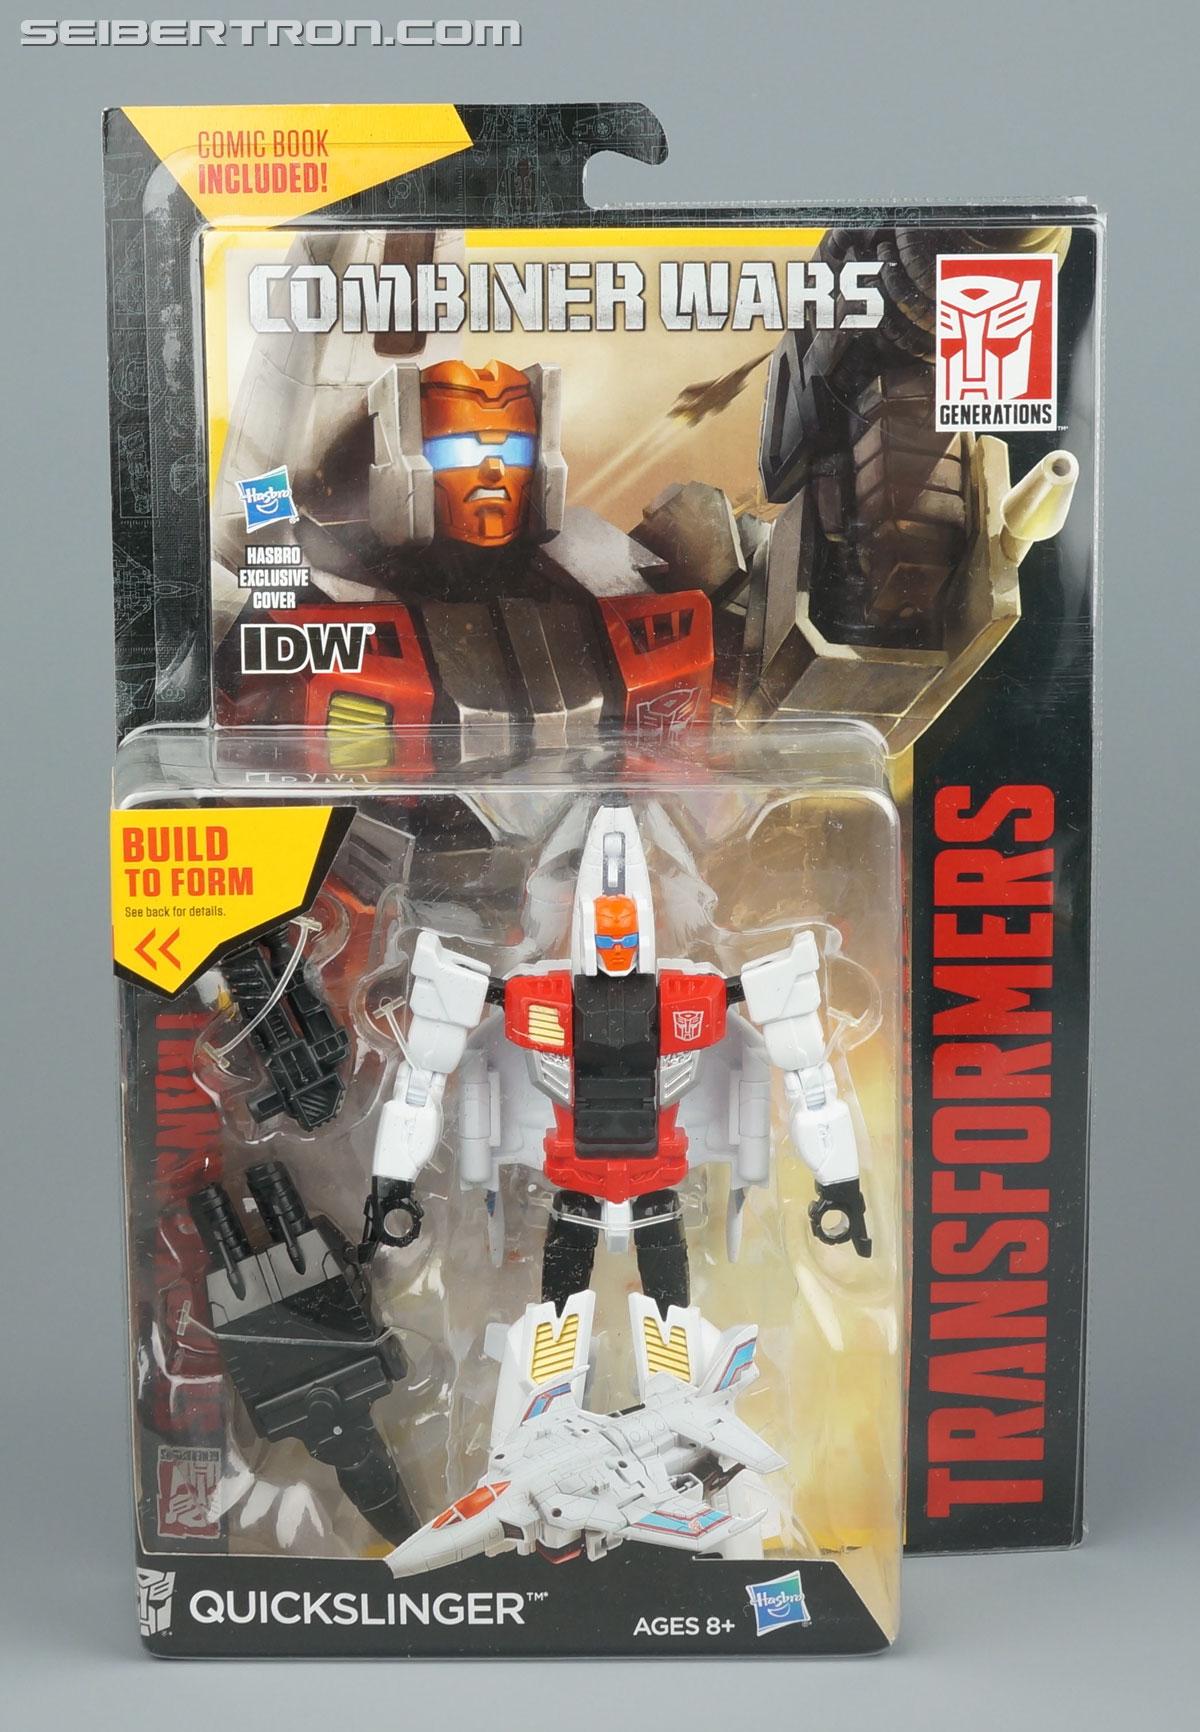 Transformers Generations Combiner Wars Quickslinger (Slingshot) (Image #1 of 217)